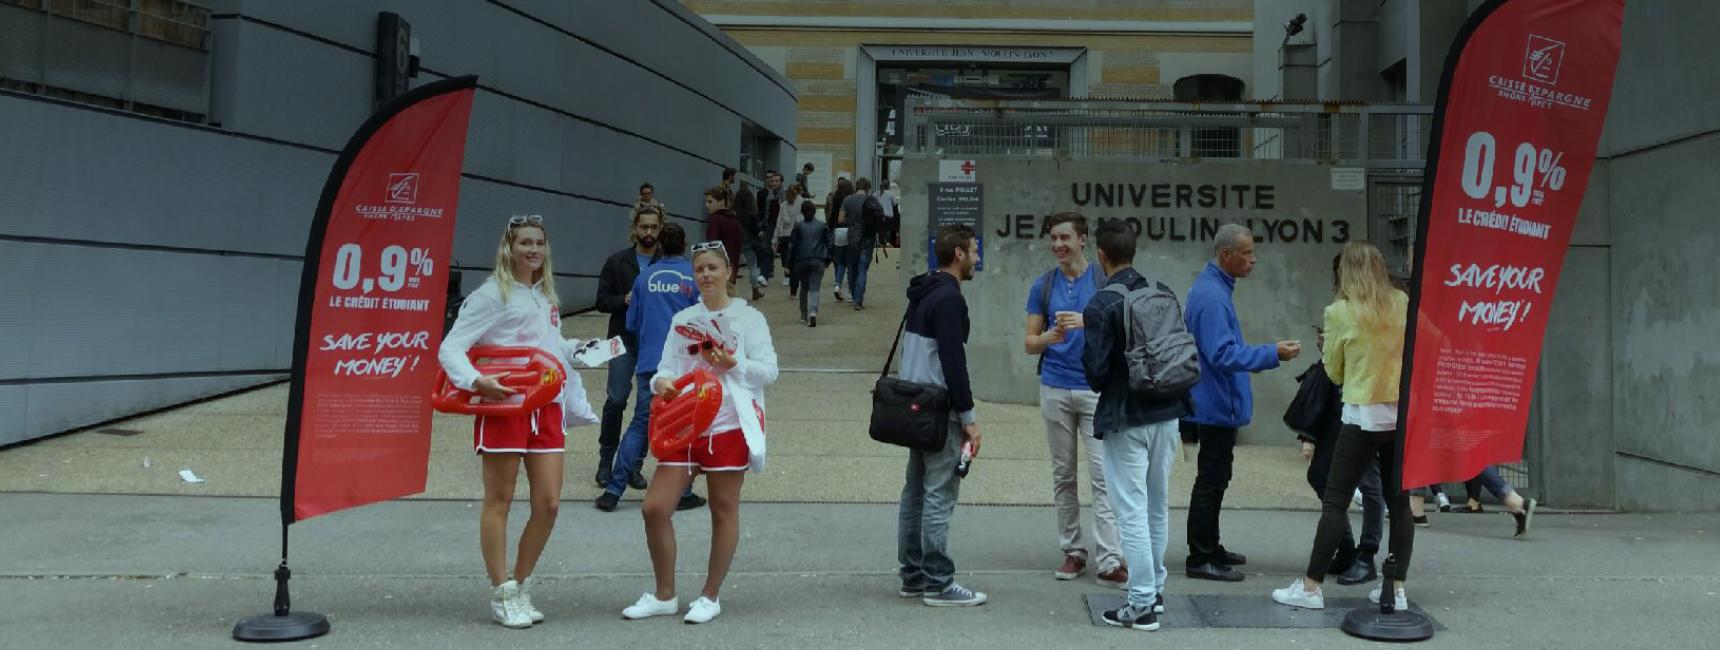 Campus étudiant - Keemia Lille Agence marketing local en région Nord